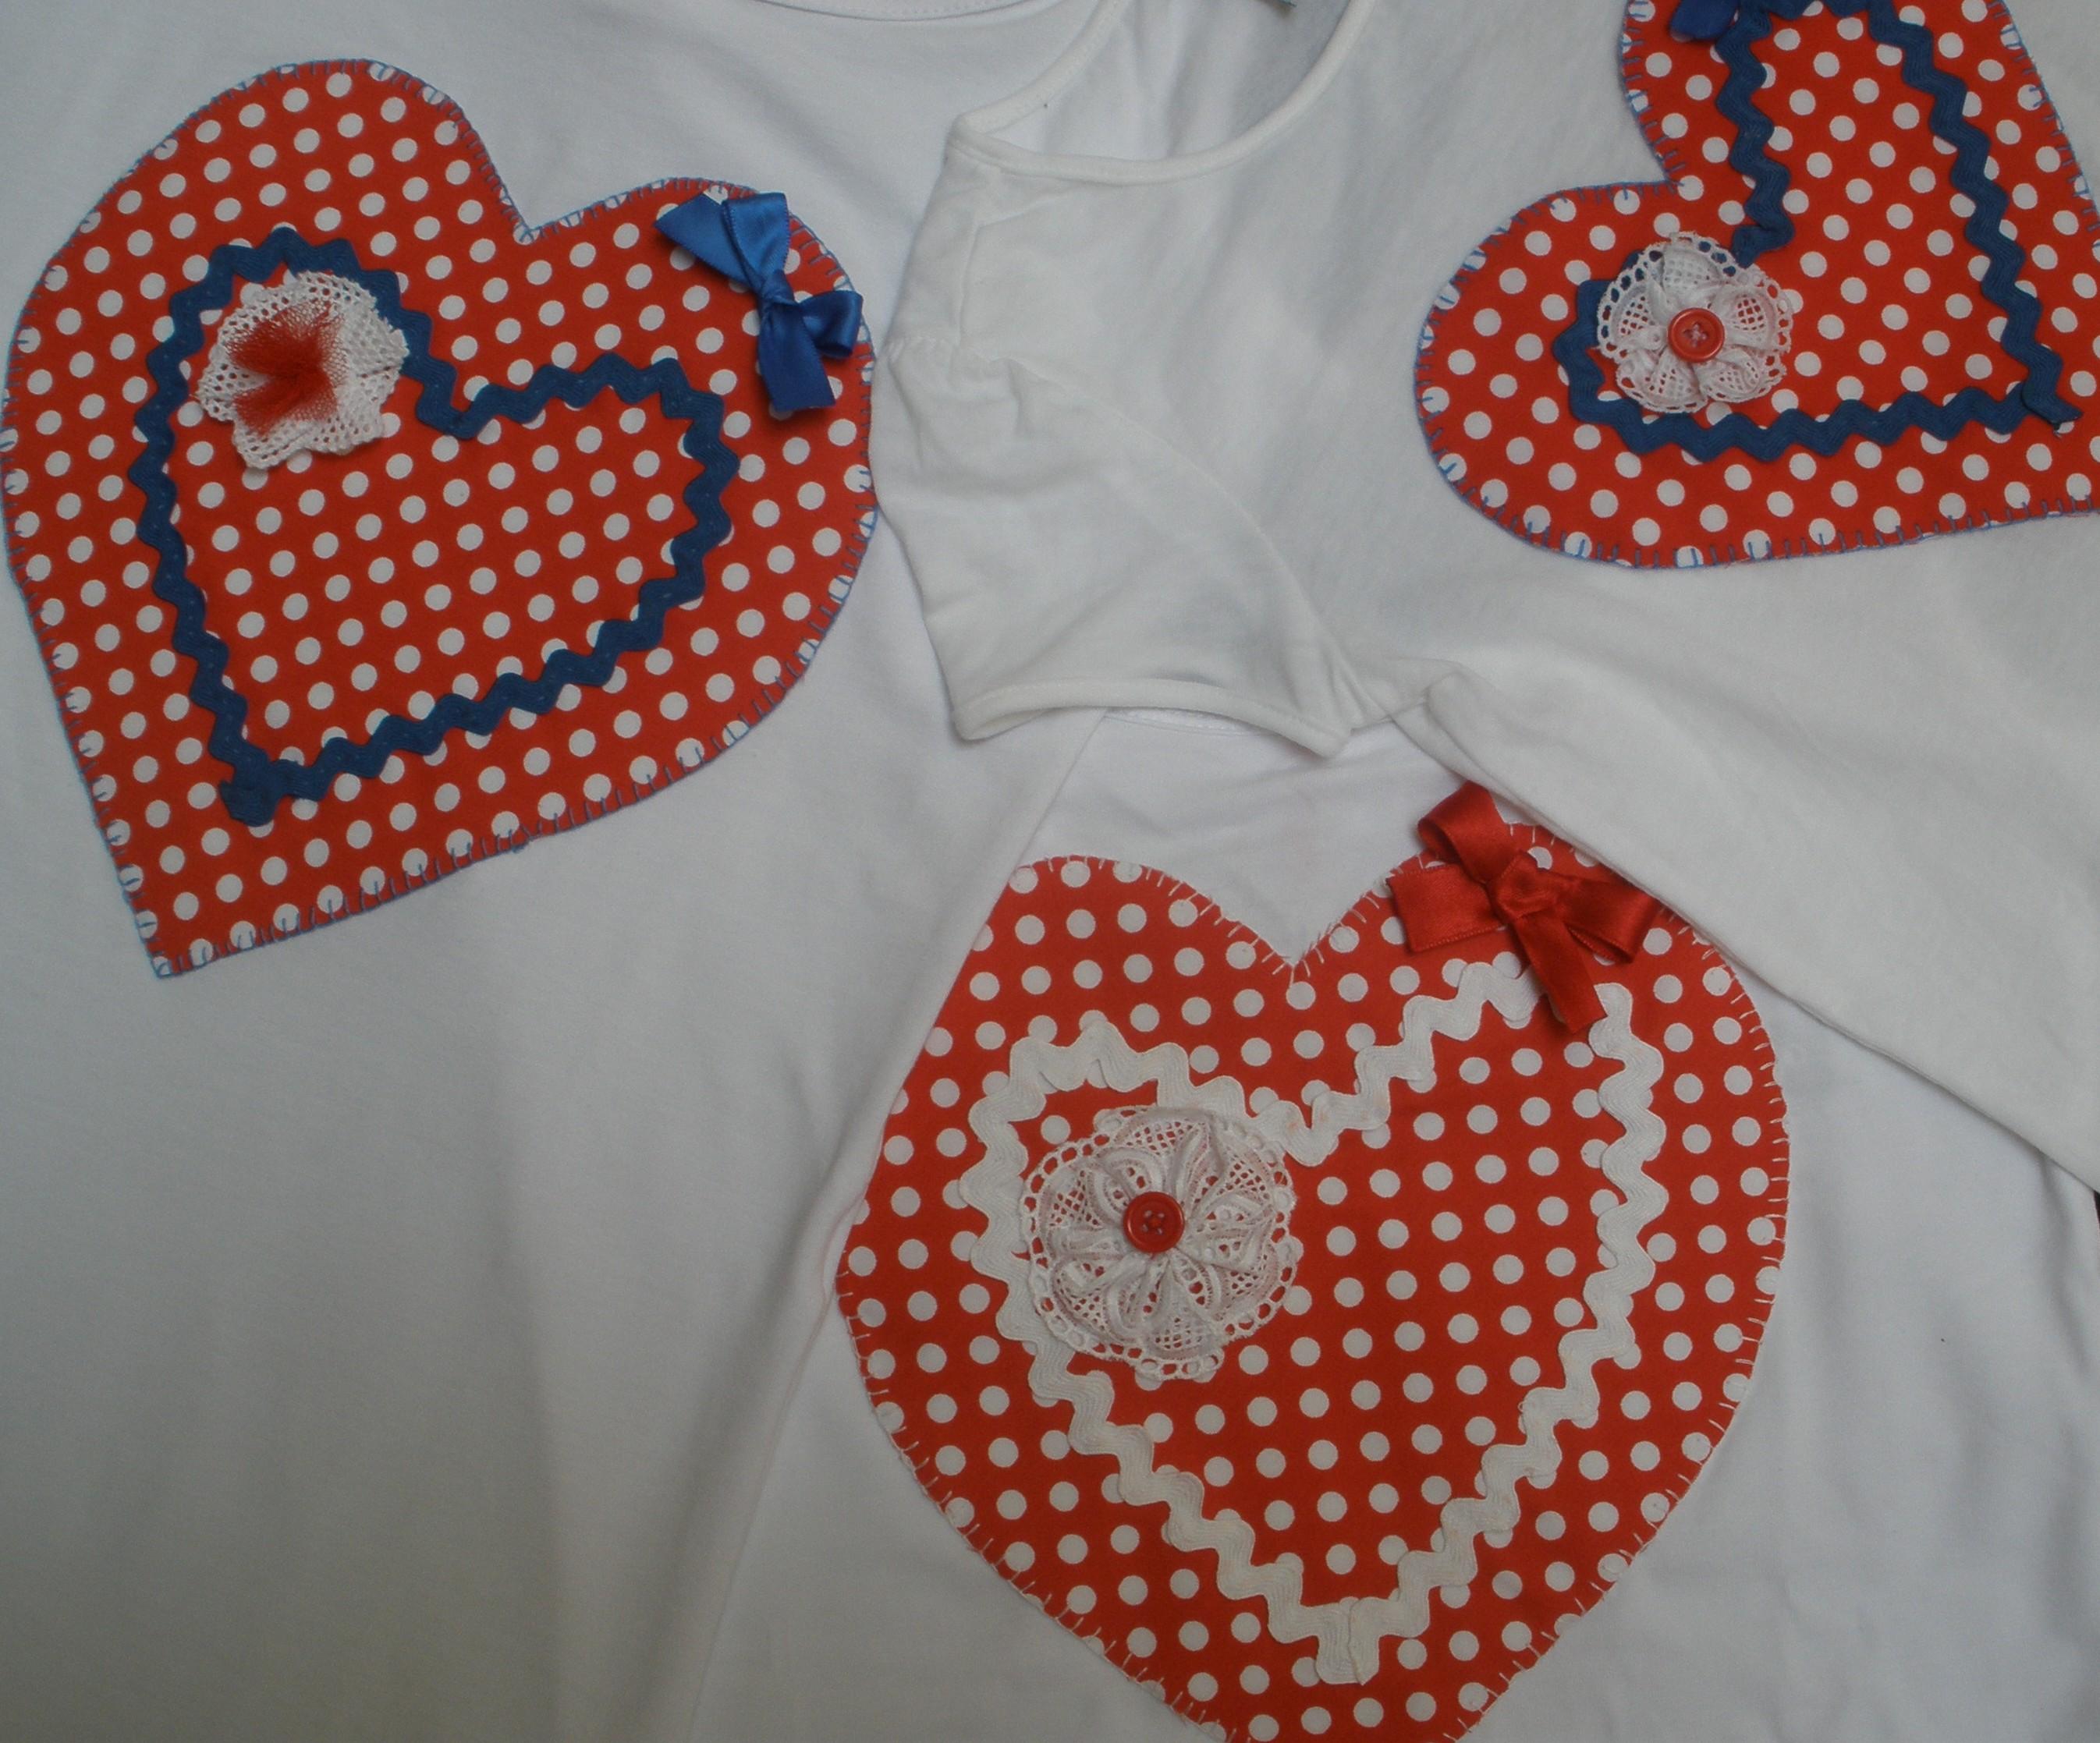 Camisetas con aplicaciones i love you solsolito for Aplicaciones para decorar